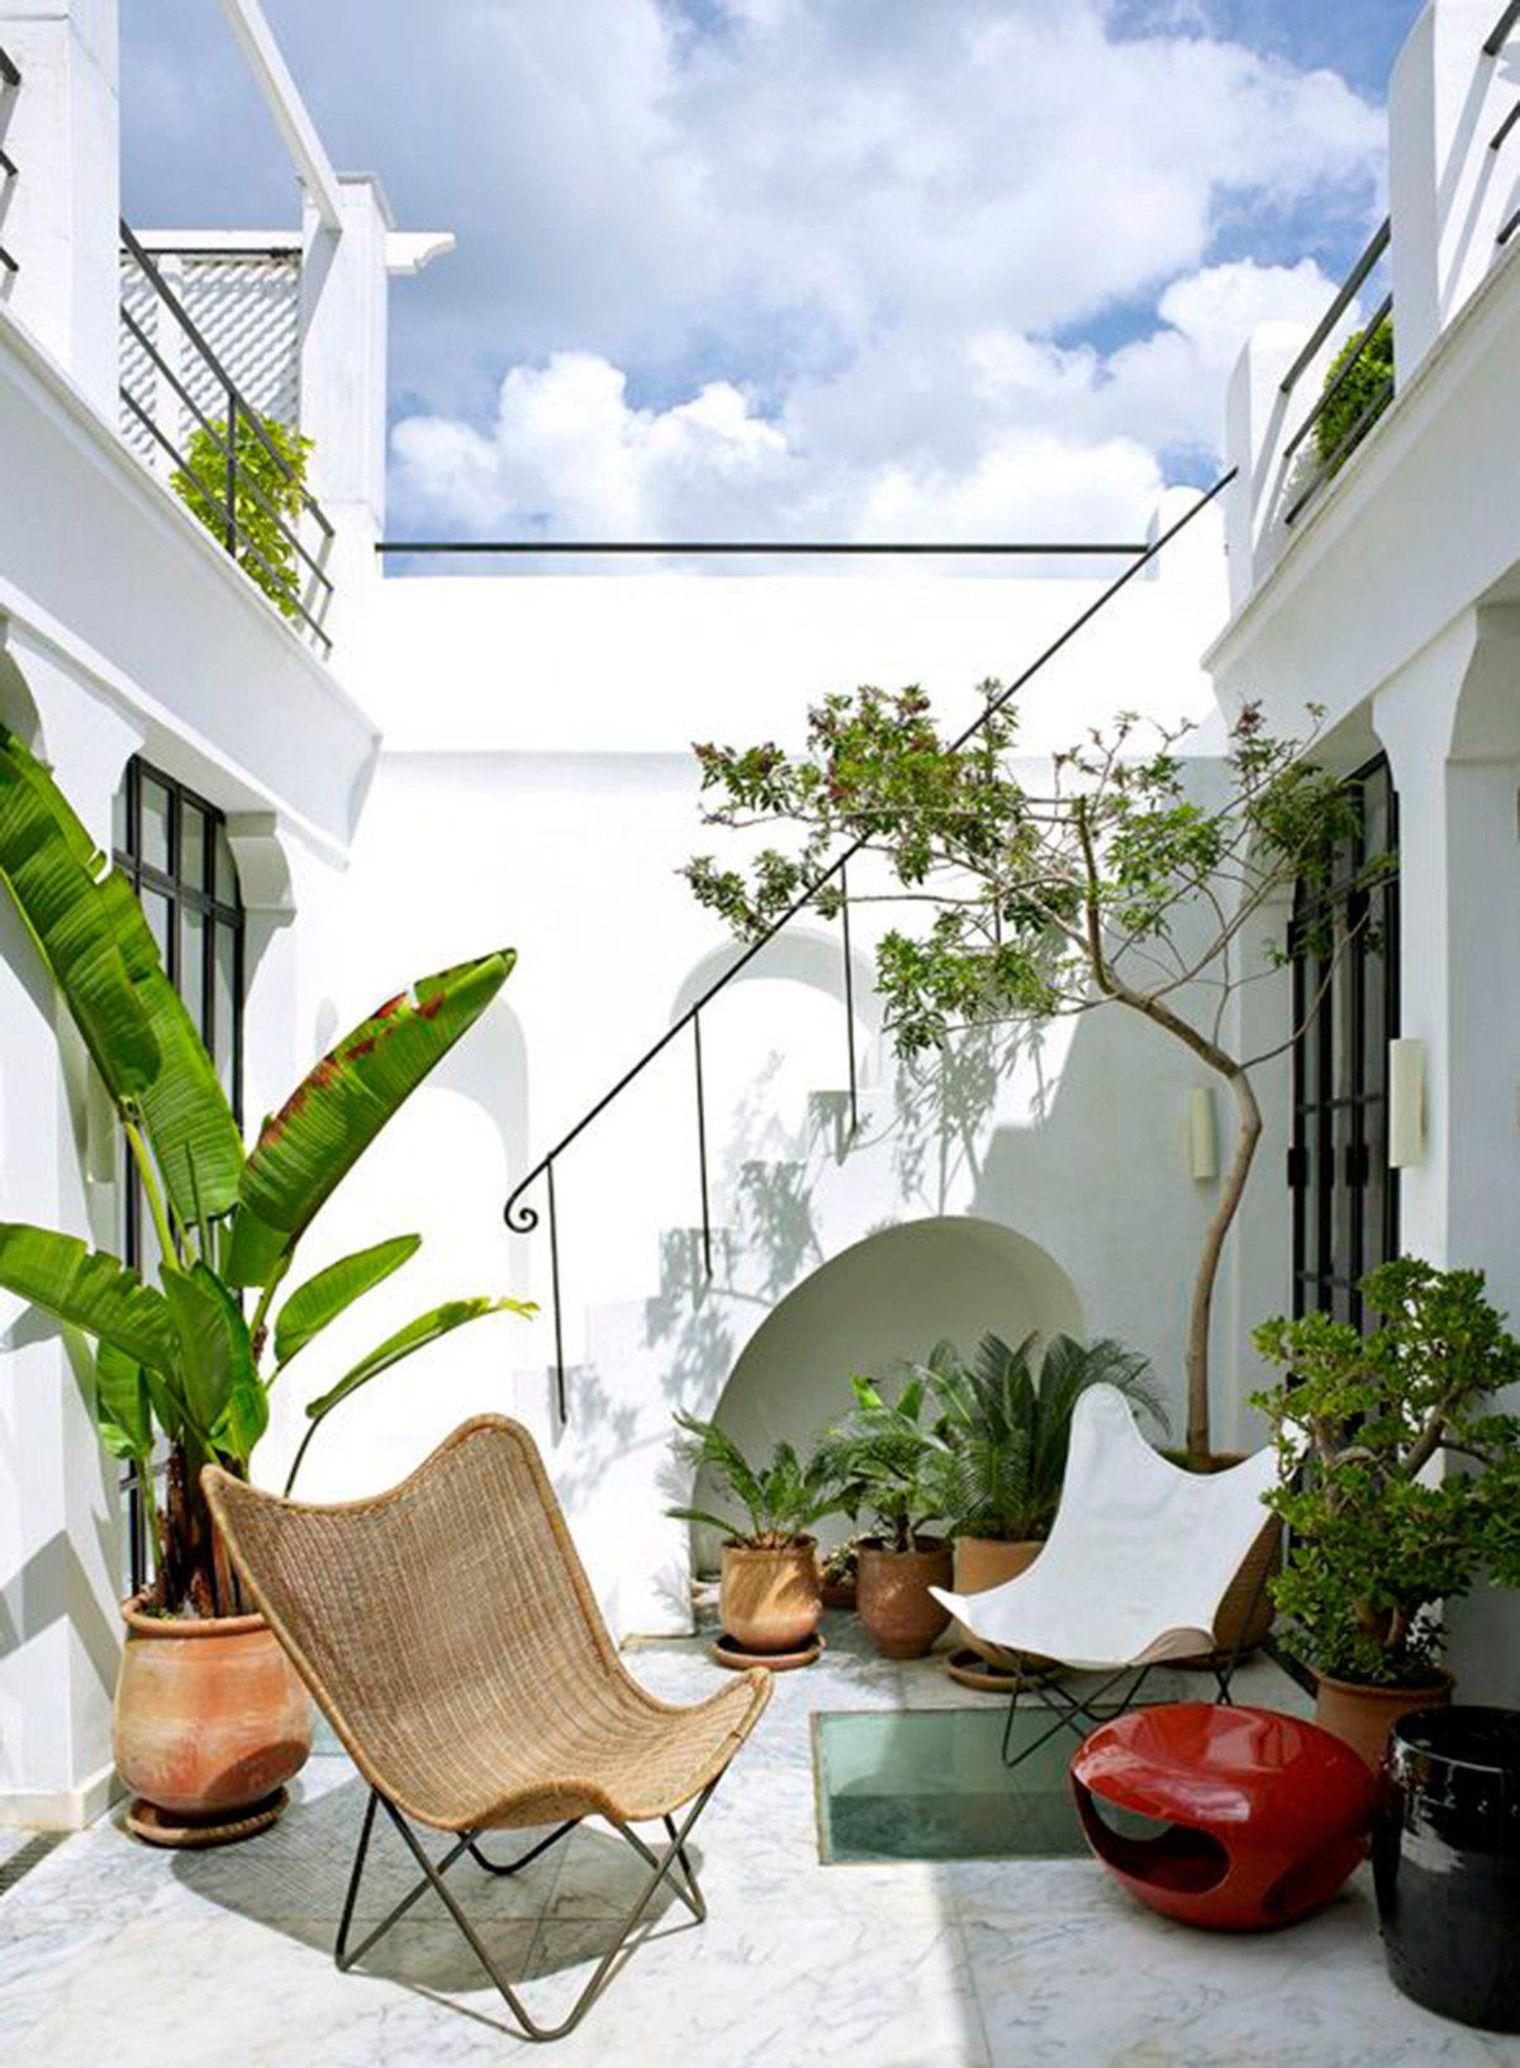 patio maison id es d co pour cour int rieure. Black Bedroom Furniture Sets. Home Design Ideas